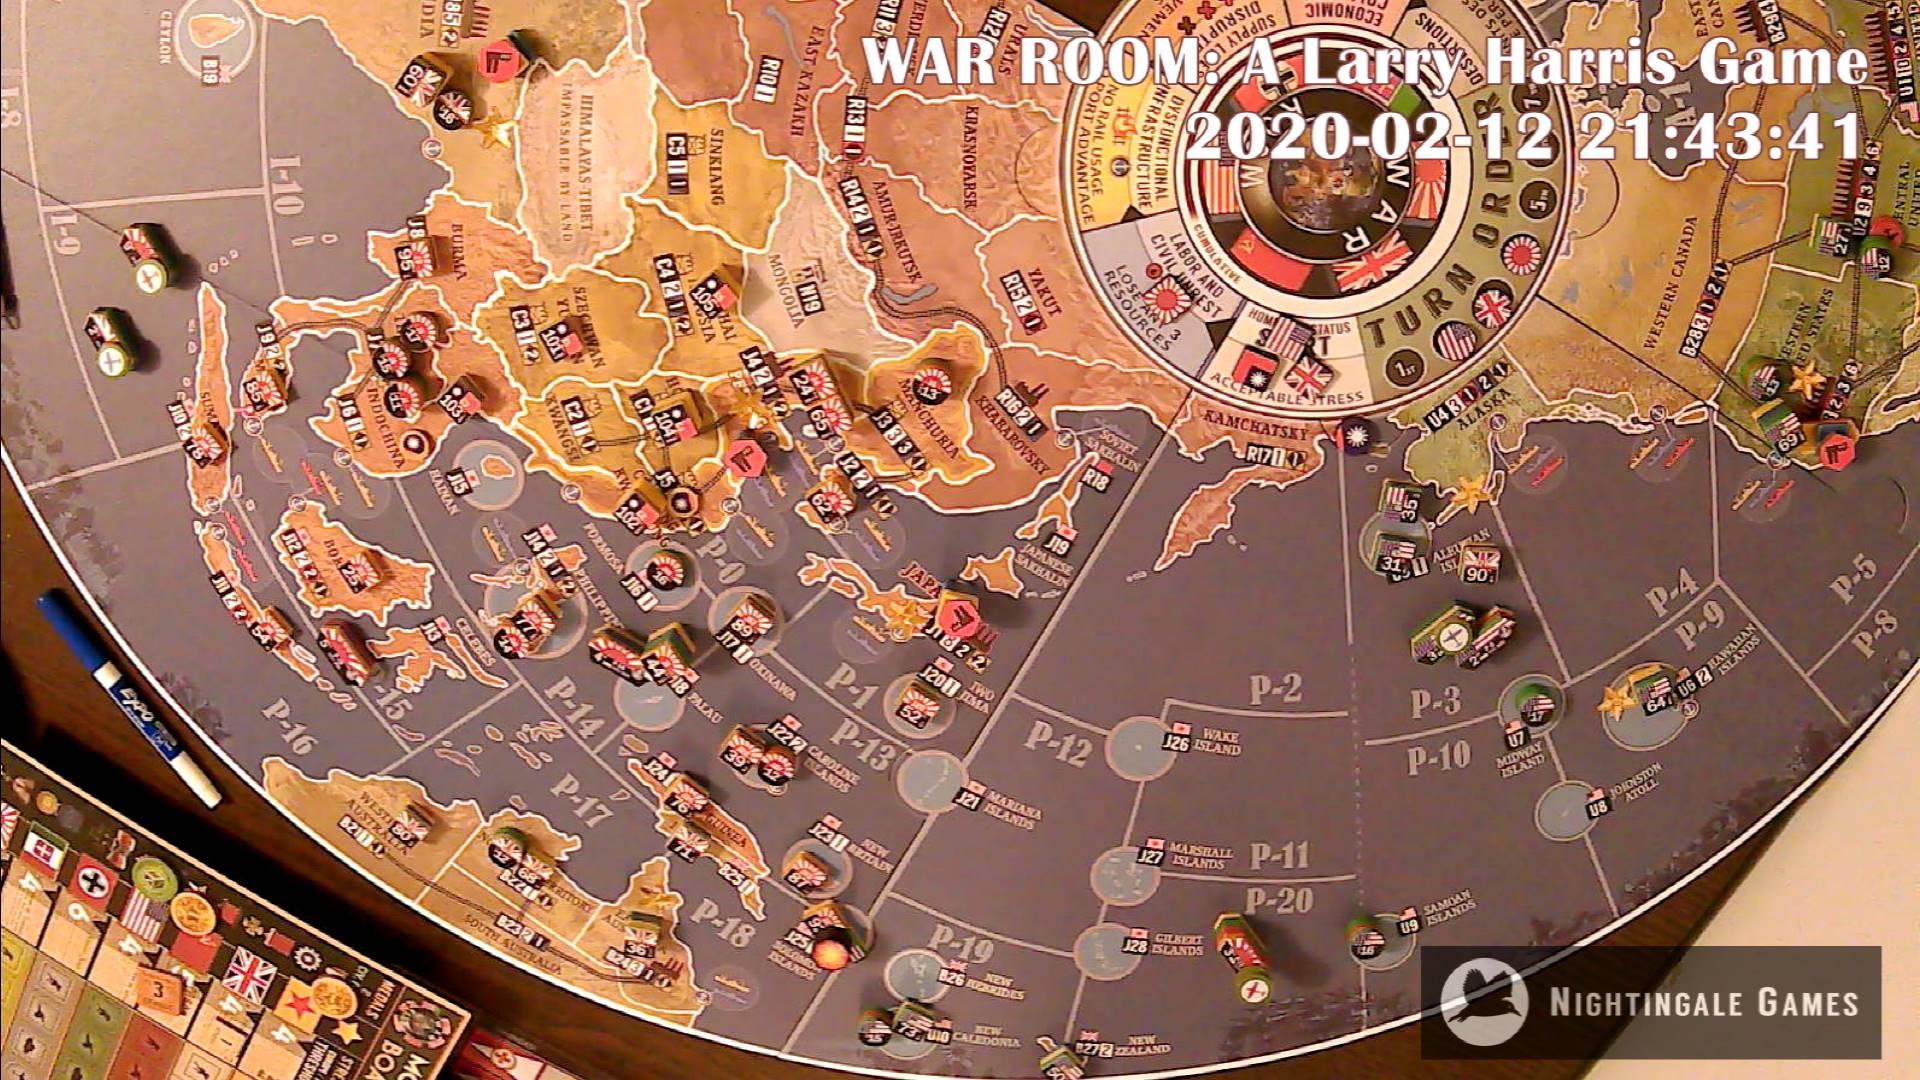 LIVE War Room test